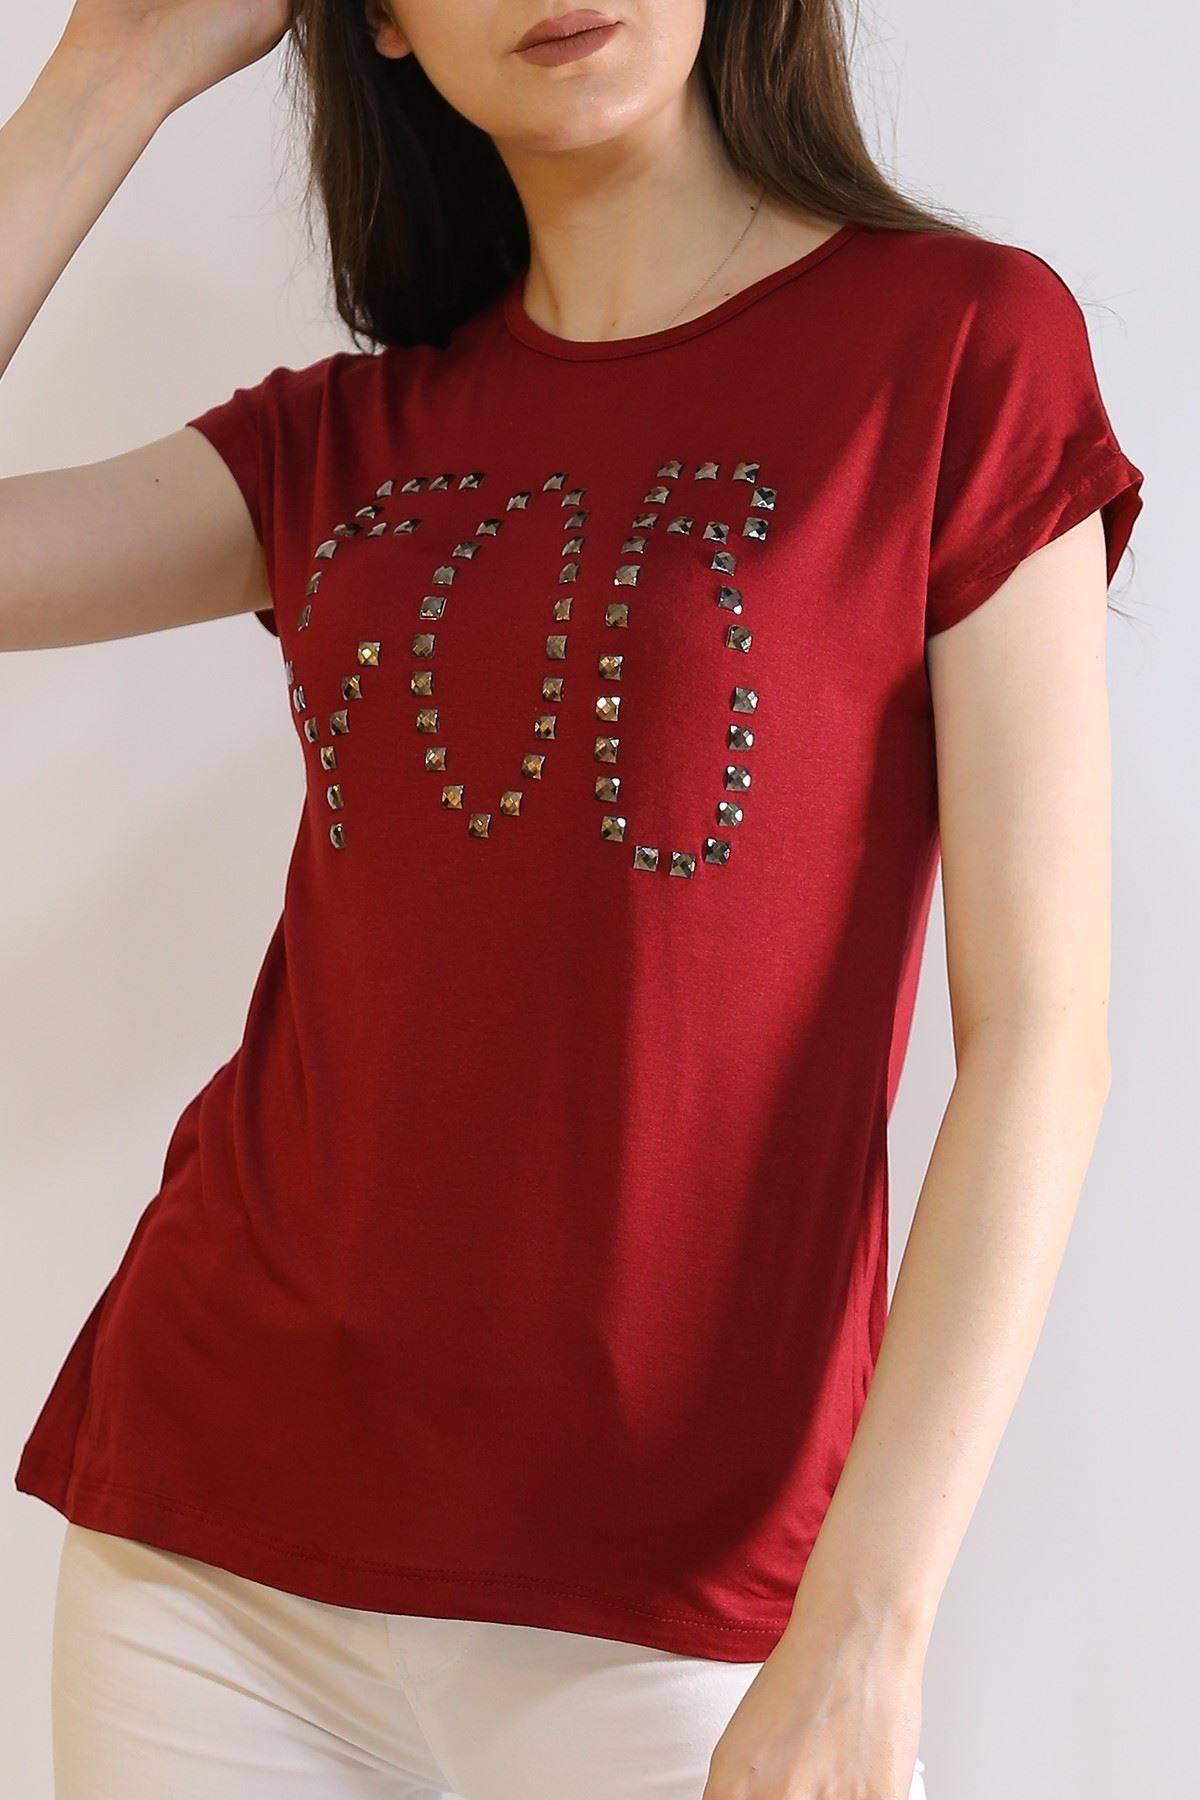 Taş İşlemeli Tişört Bordo - 6005.139.